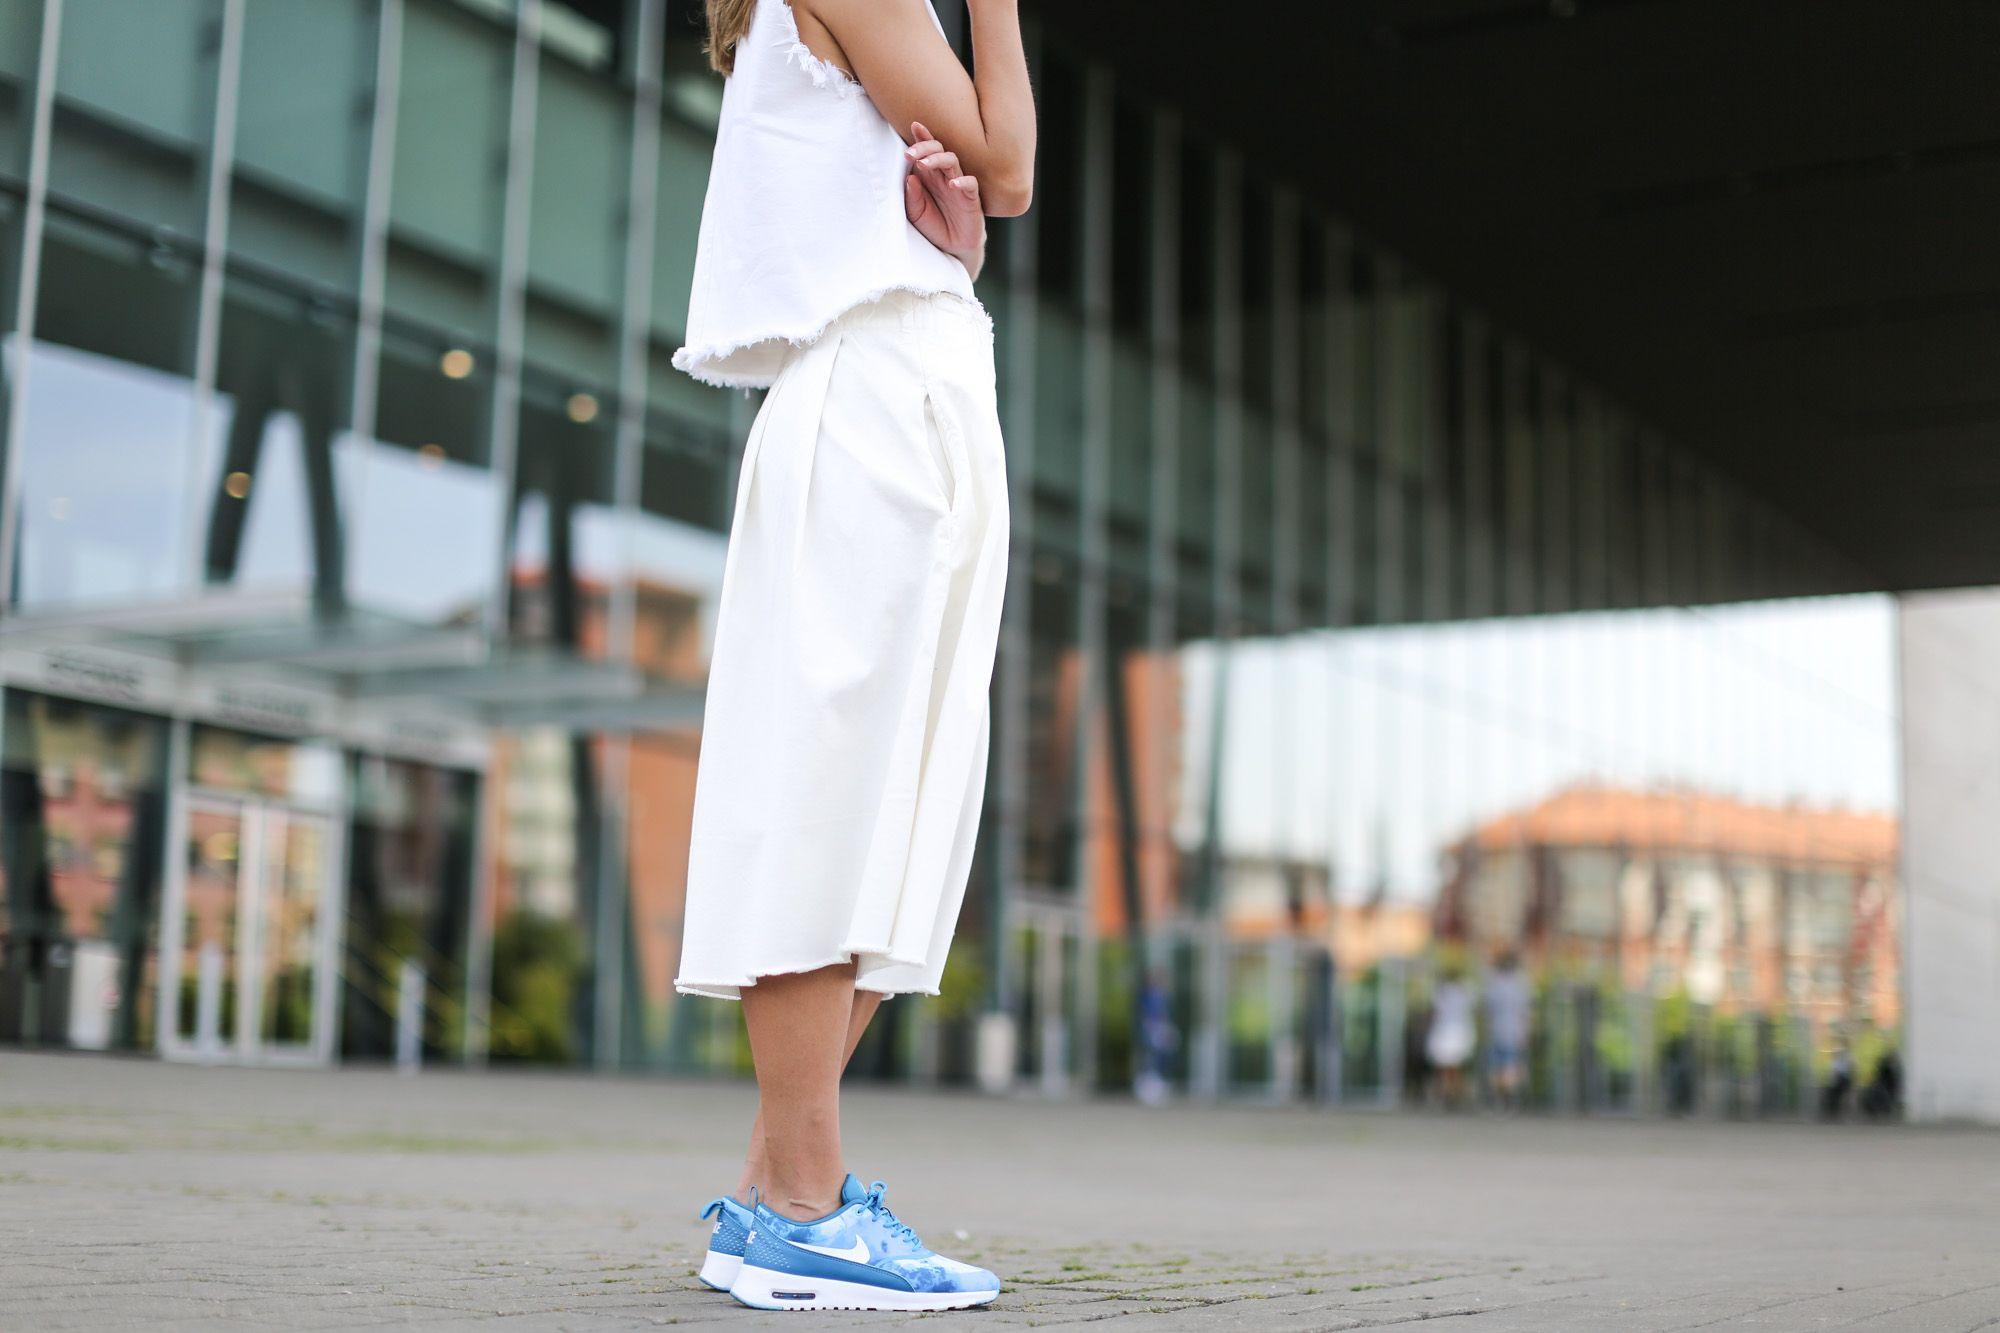 Nike Air Max Thea Bleu Et Robe Blanche